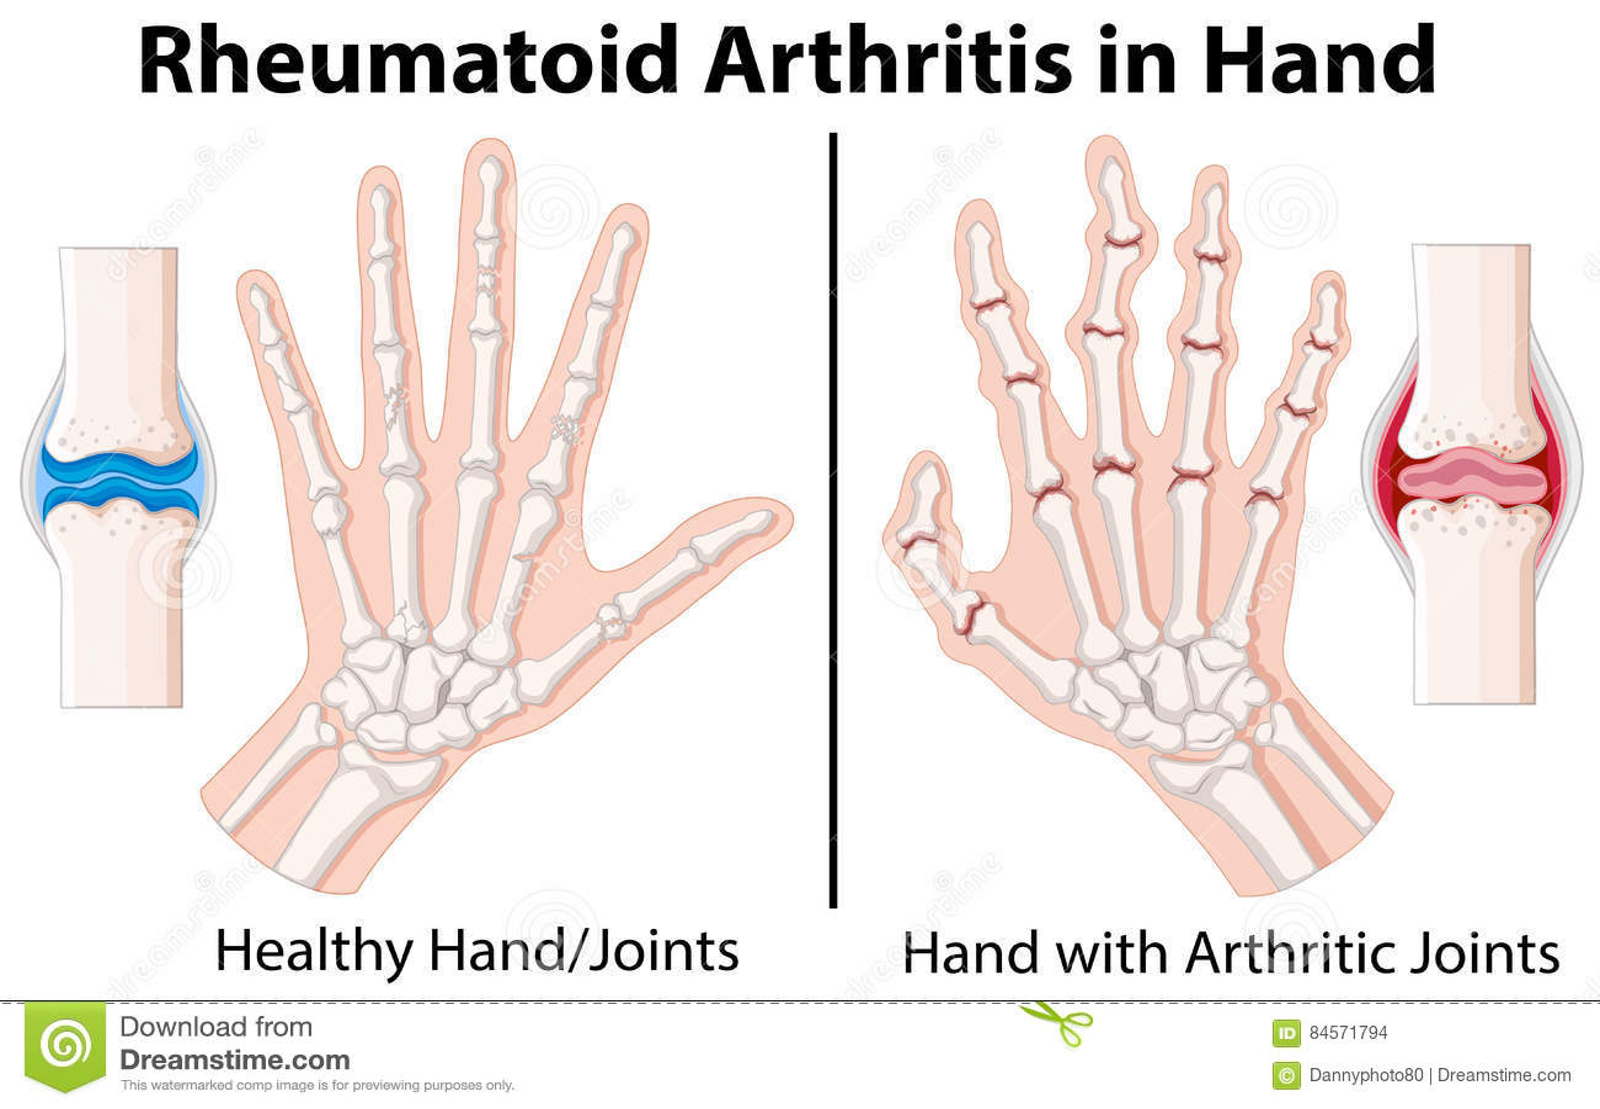 在手中显示风湿性关节炎的图